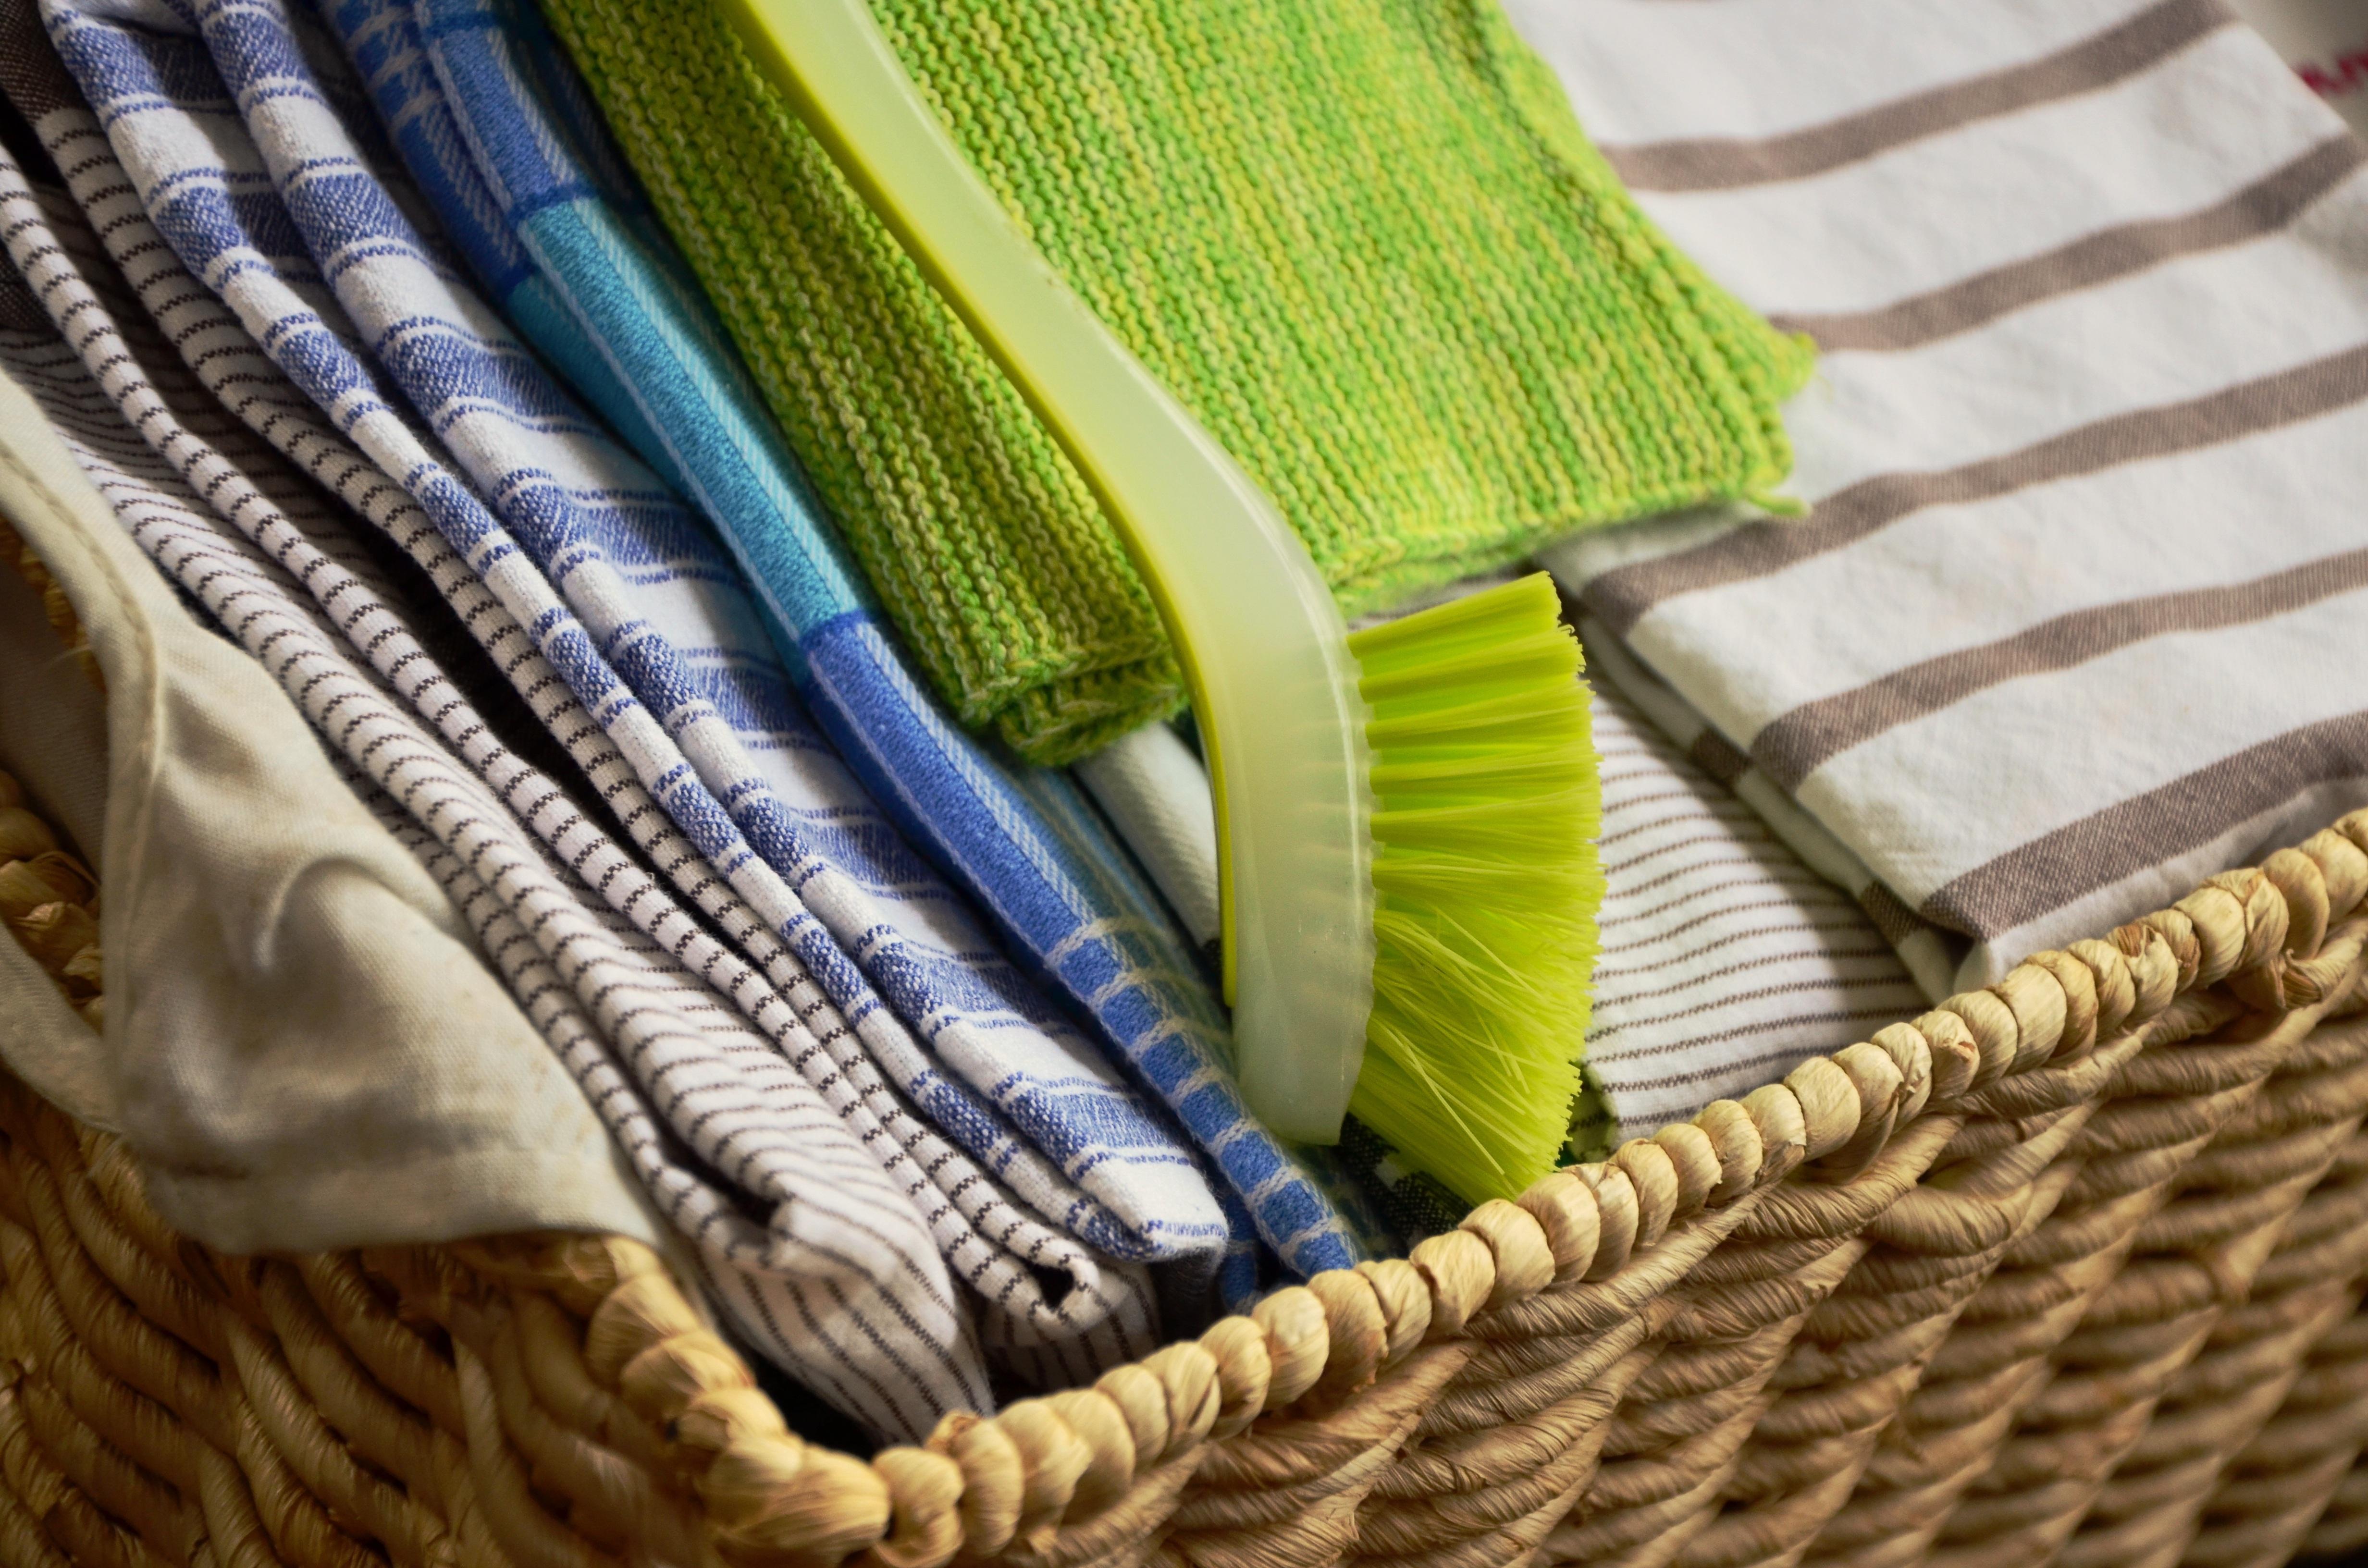 Kostenlose foto : nass, trocken, Grün, spülen, Küche, Korb, Tuch ...